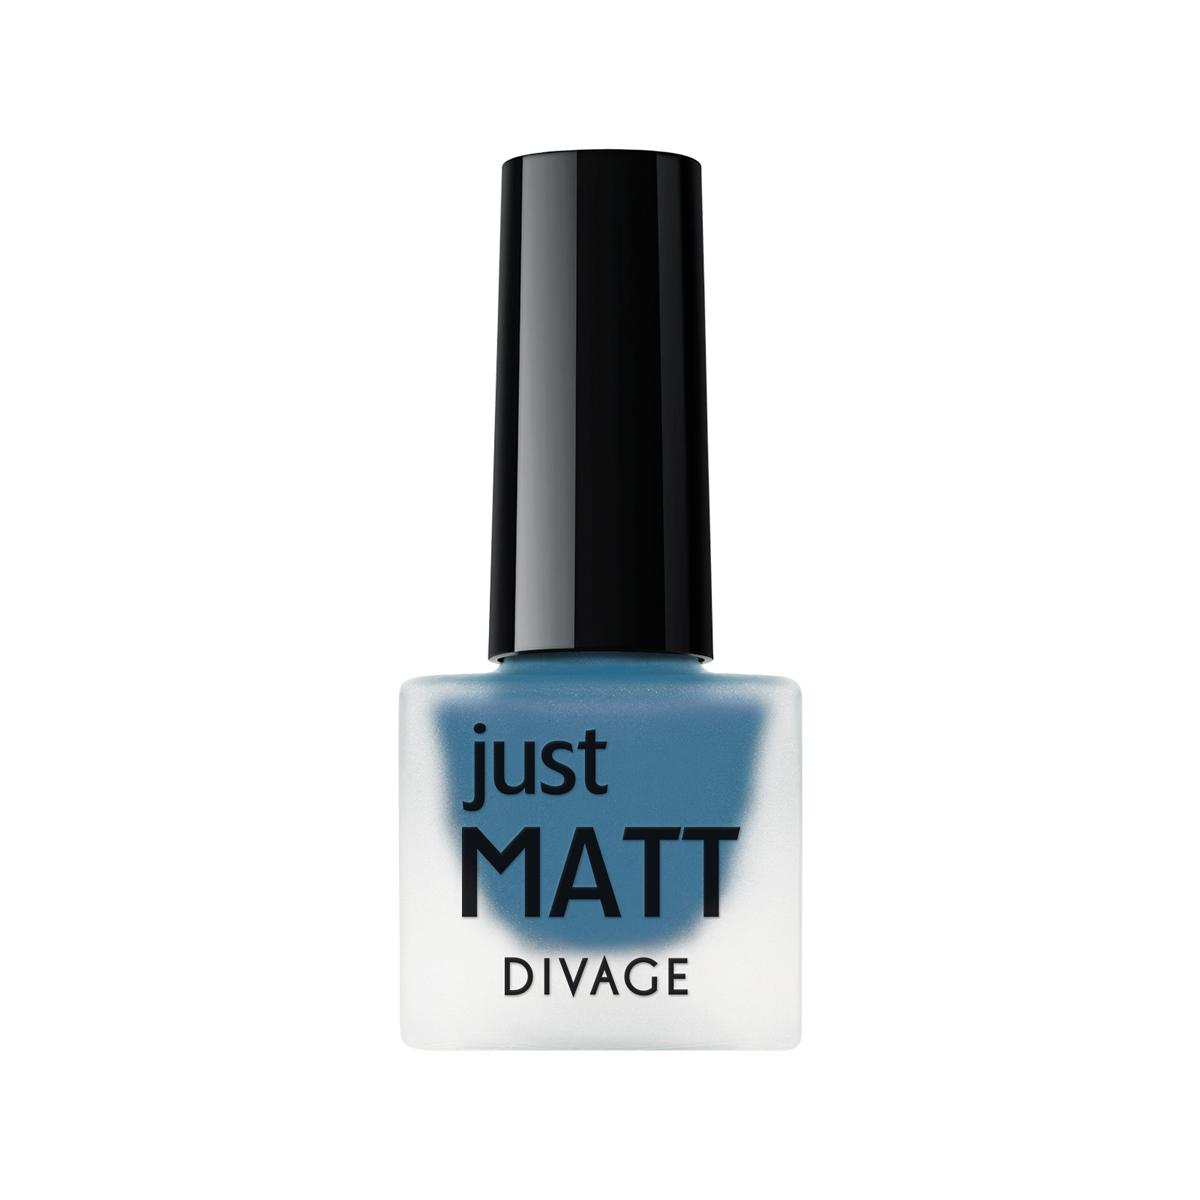 DIVAGE Лак для ногтей JUST MATT, тон № 5624, 7 мл004399Лак для ногтей Divage Just Matt с матовым эффектом имеет легкую бархатистую текстуру (Soft Touch) и удобный мини формат упаковки. Наносится идеально ровно, визуально сглаживая неровности ногтевой пластины.